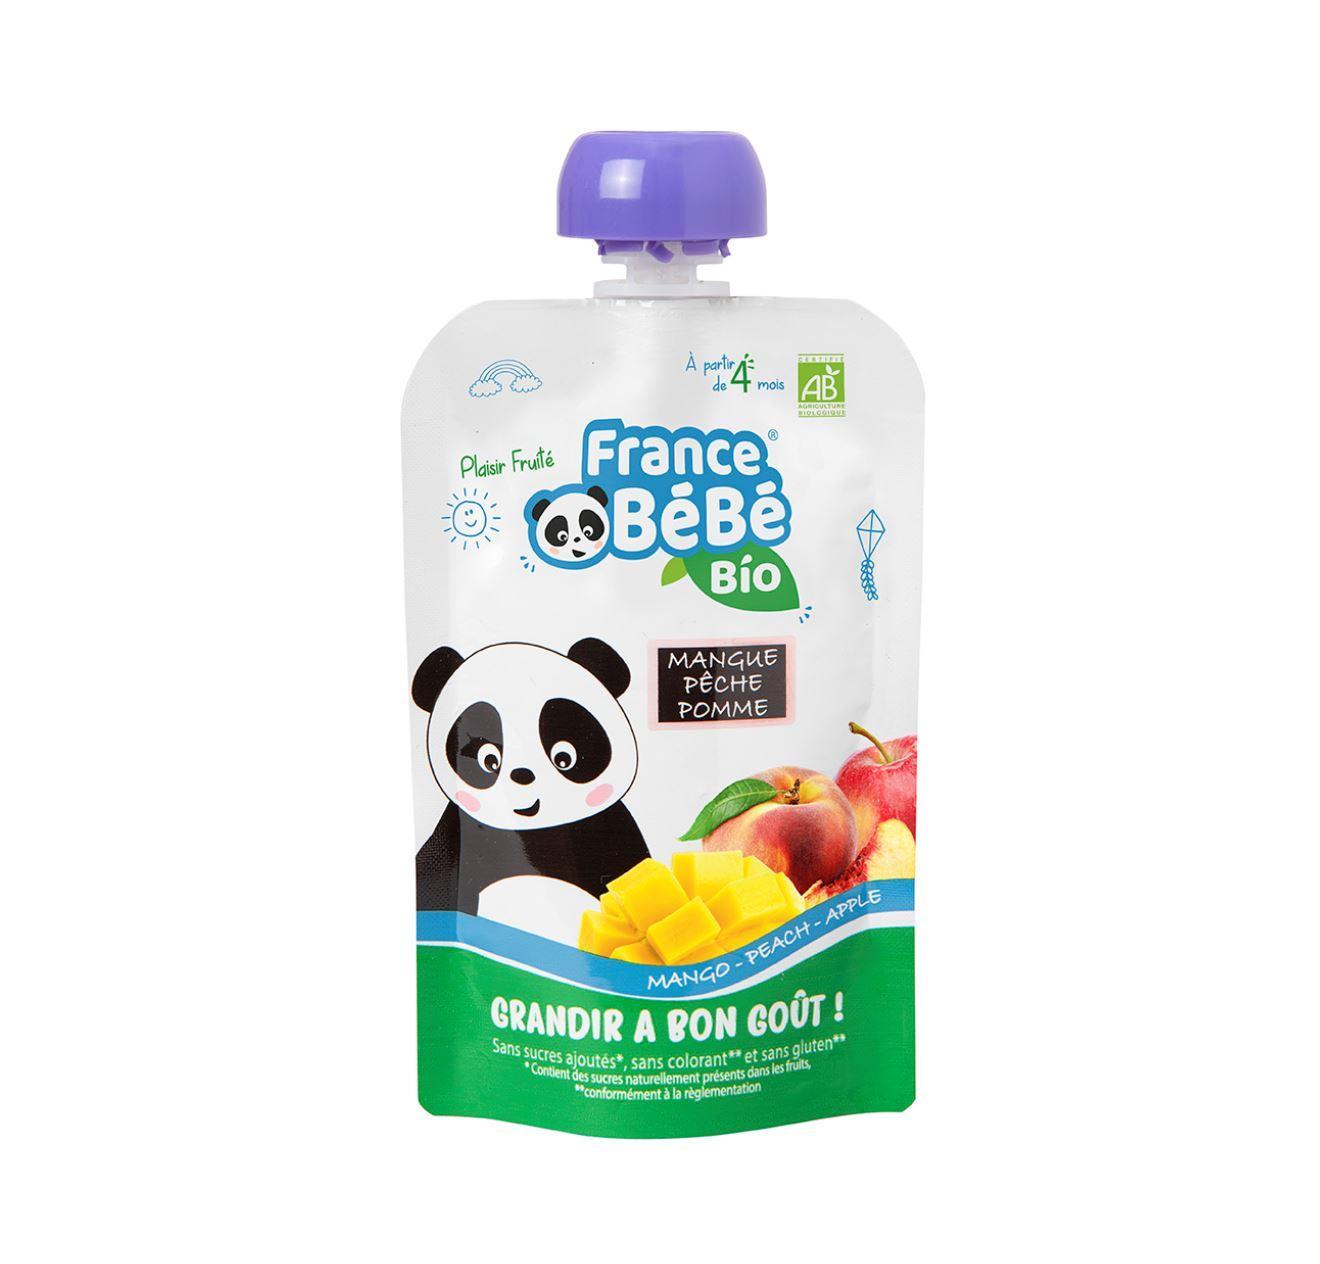 Gourde de purée de fruits Mangue Pêche Pomme - 100g - A partir de 4 mois